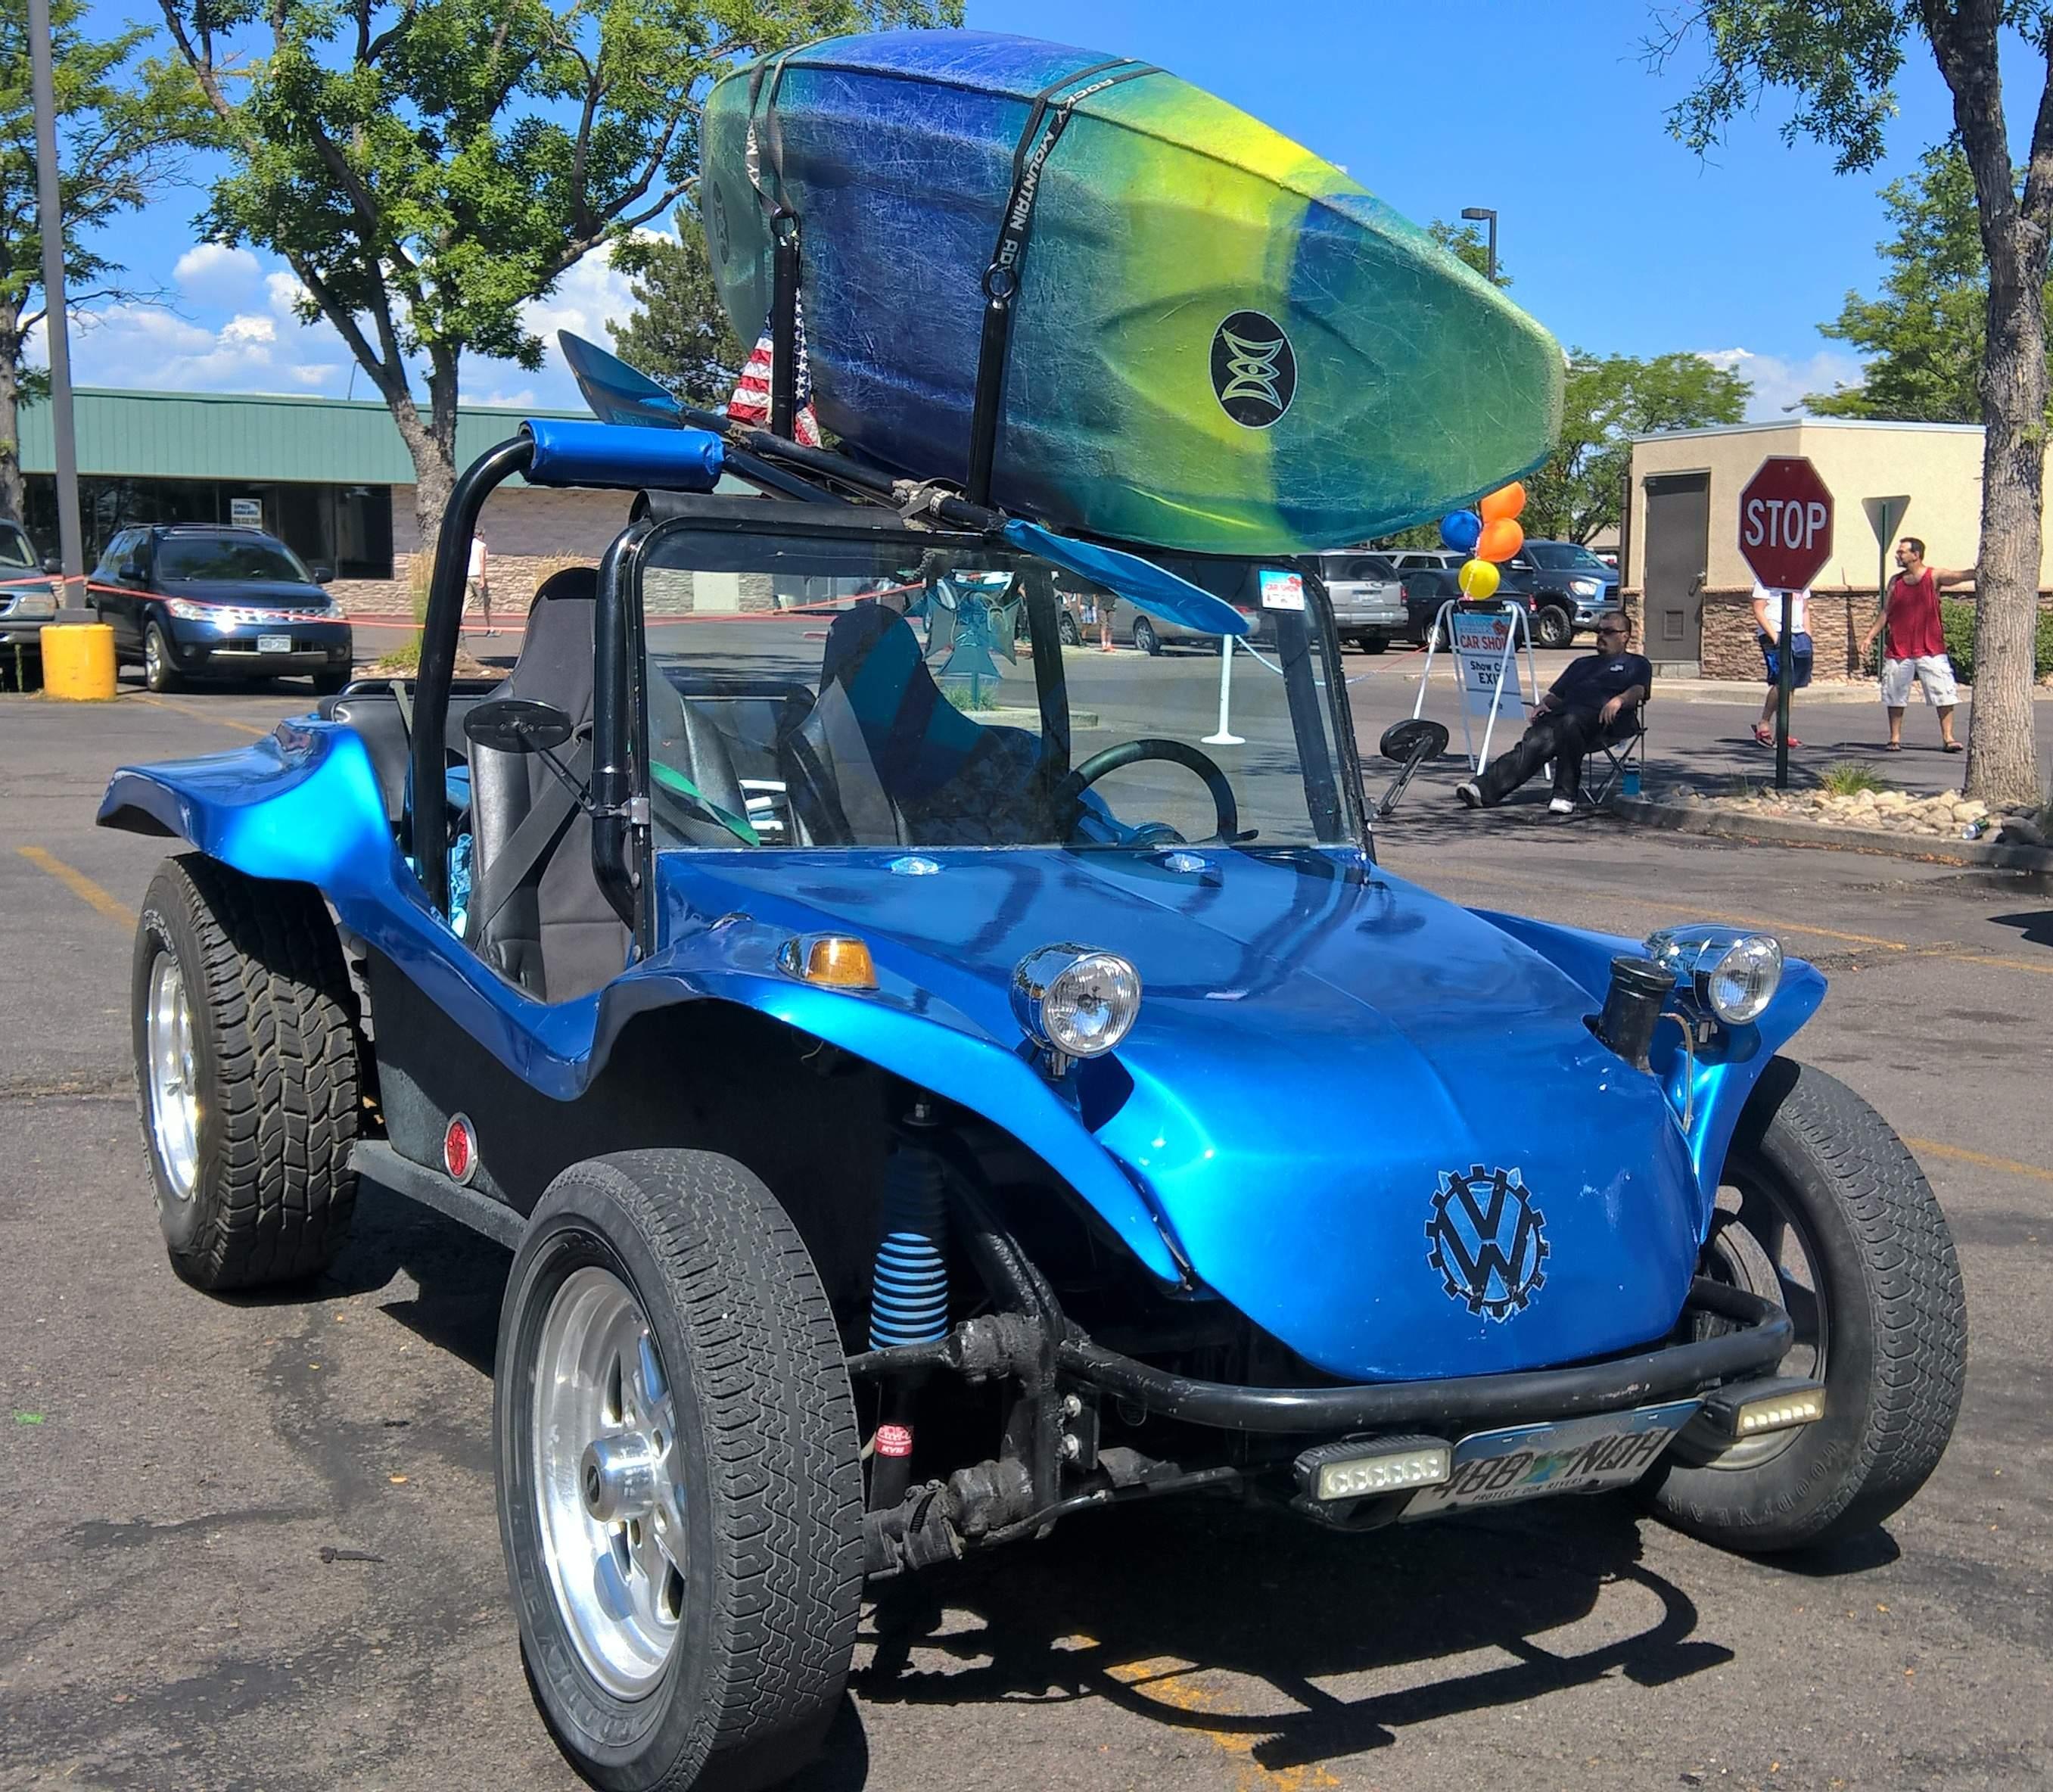 Car Shows In Fort Collins Colorado